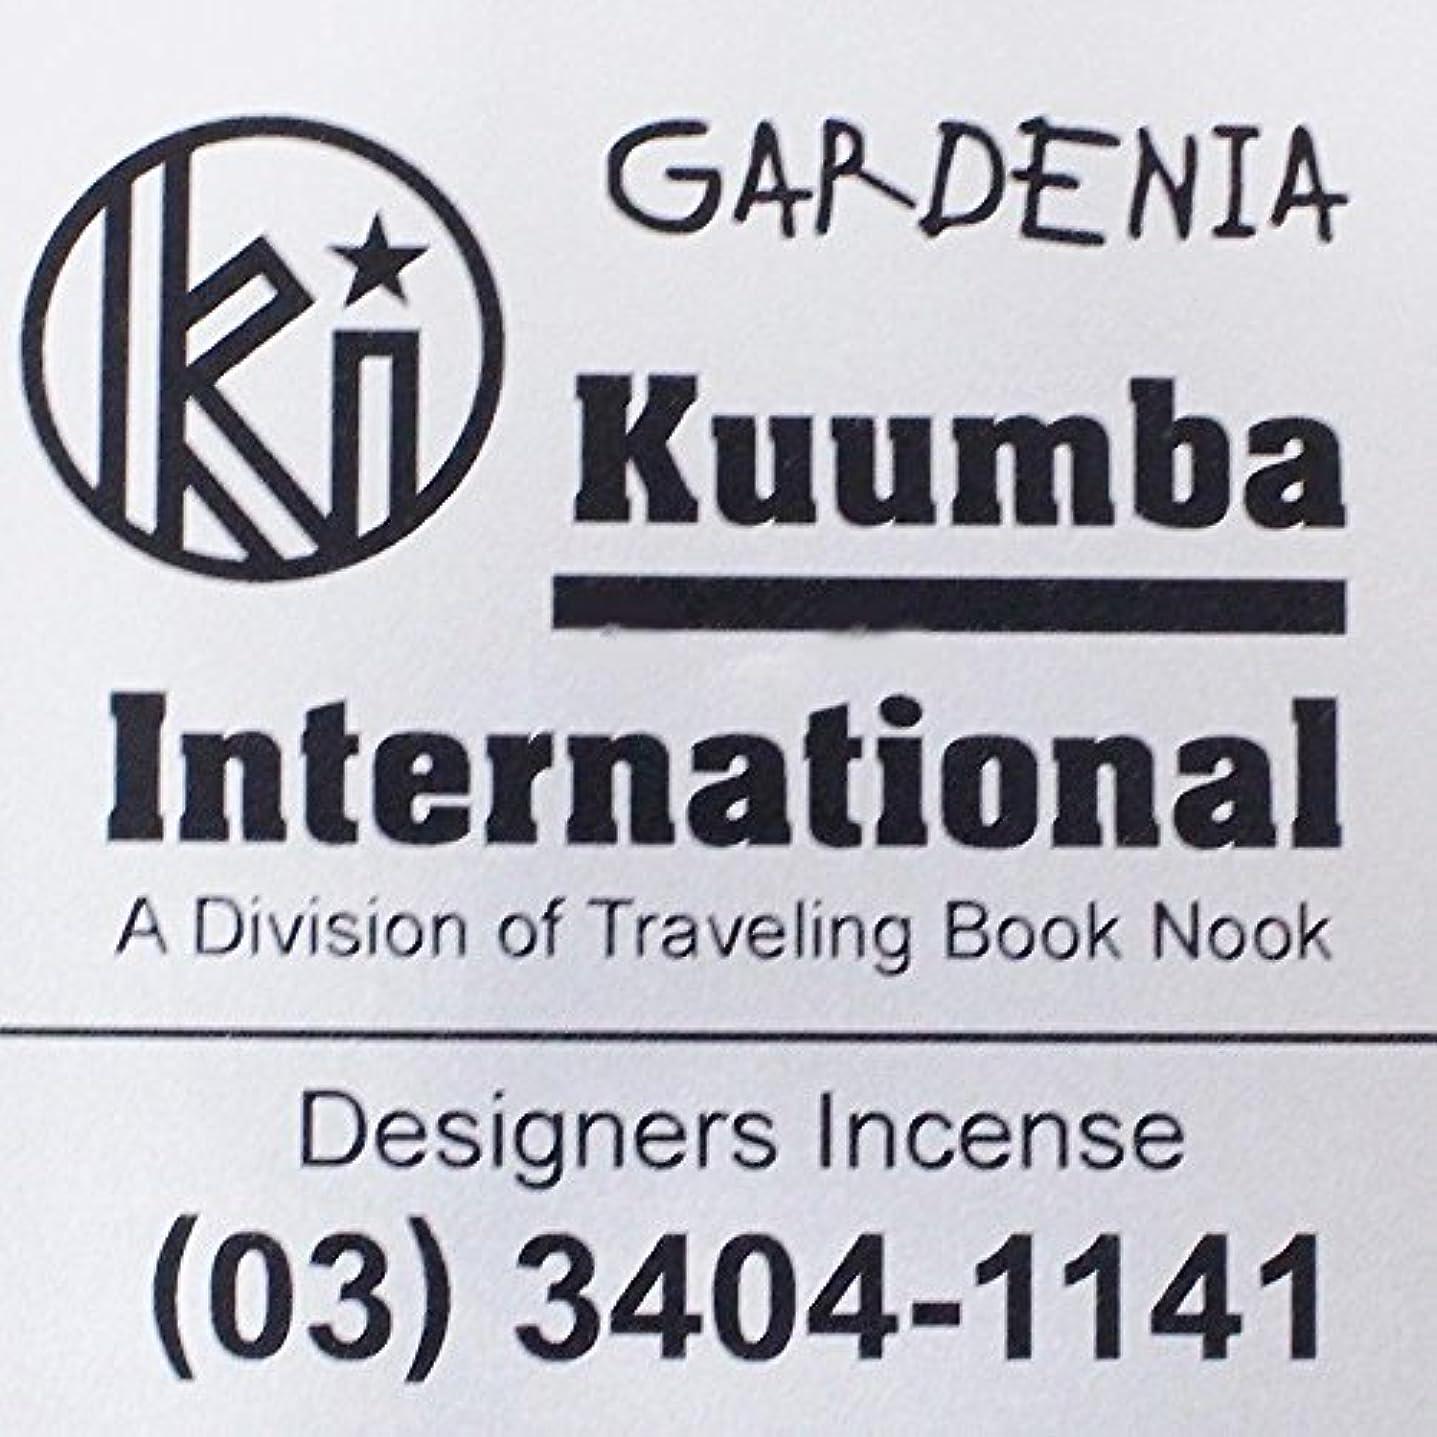 誤って油に付ける(クンバ) KUUMBA『incense』(GARDENIA) (Regular size)